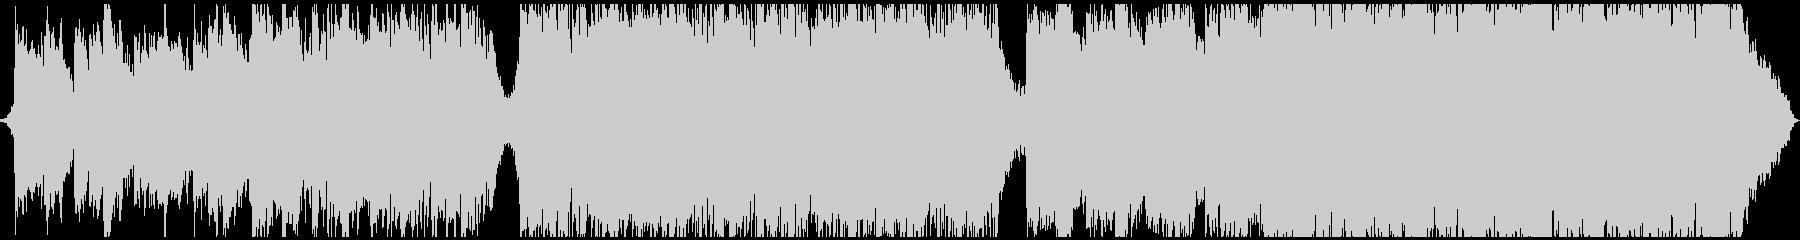 エピックシネマティックの未再生の波形